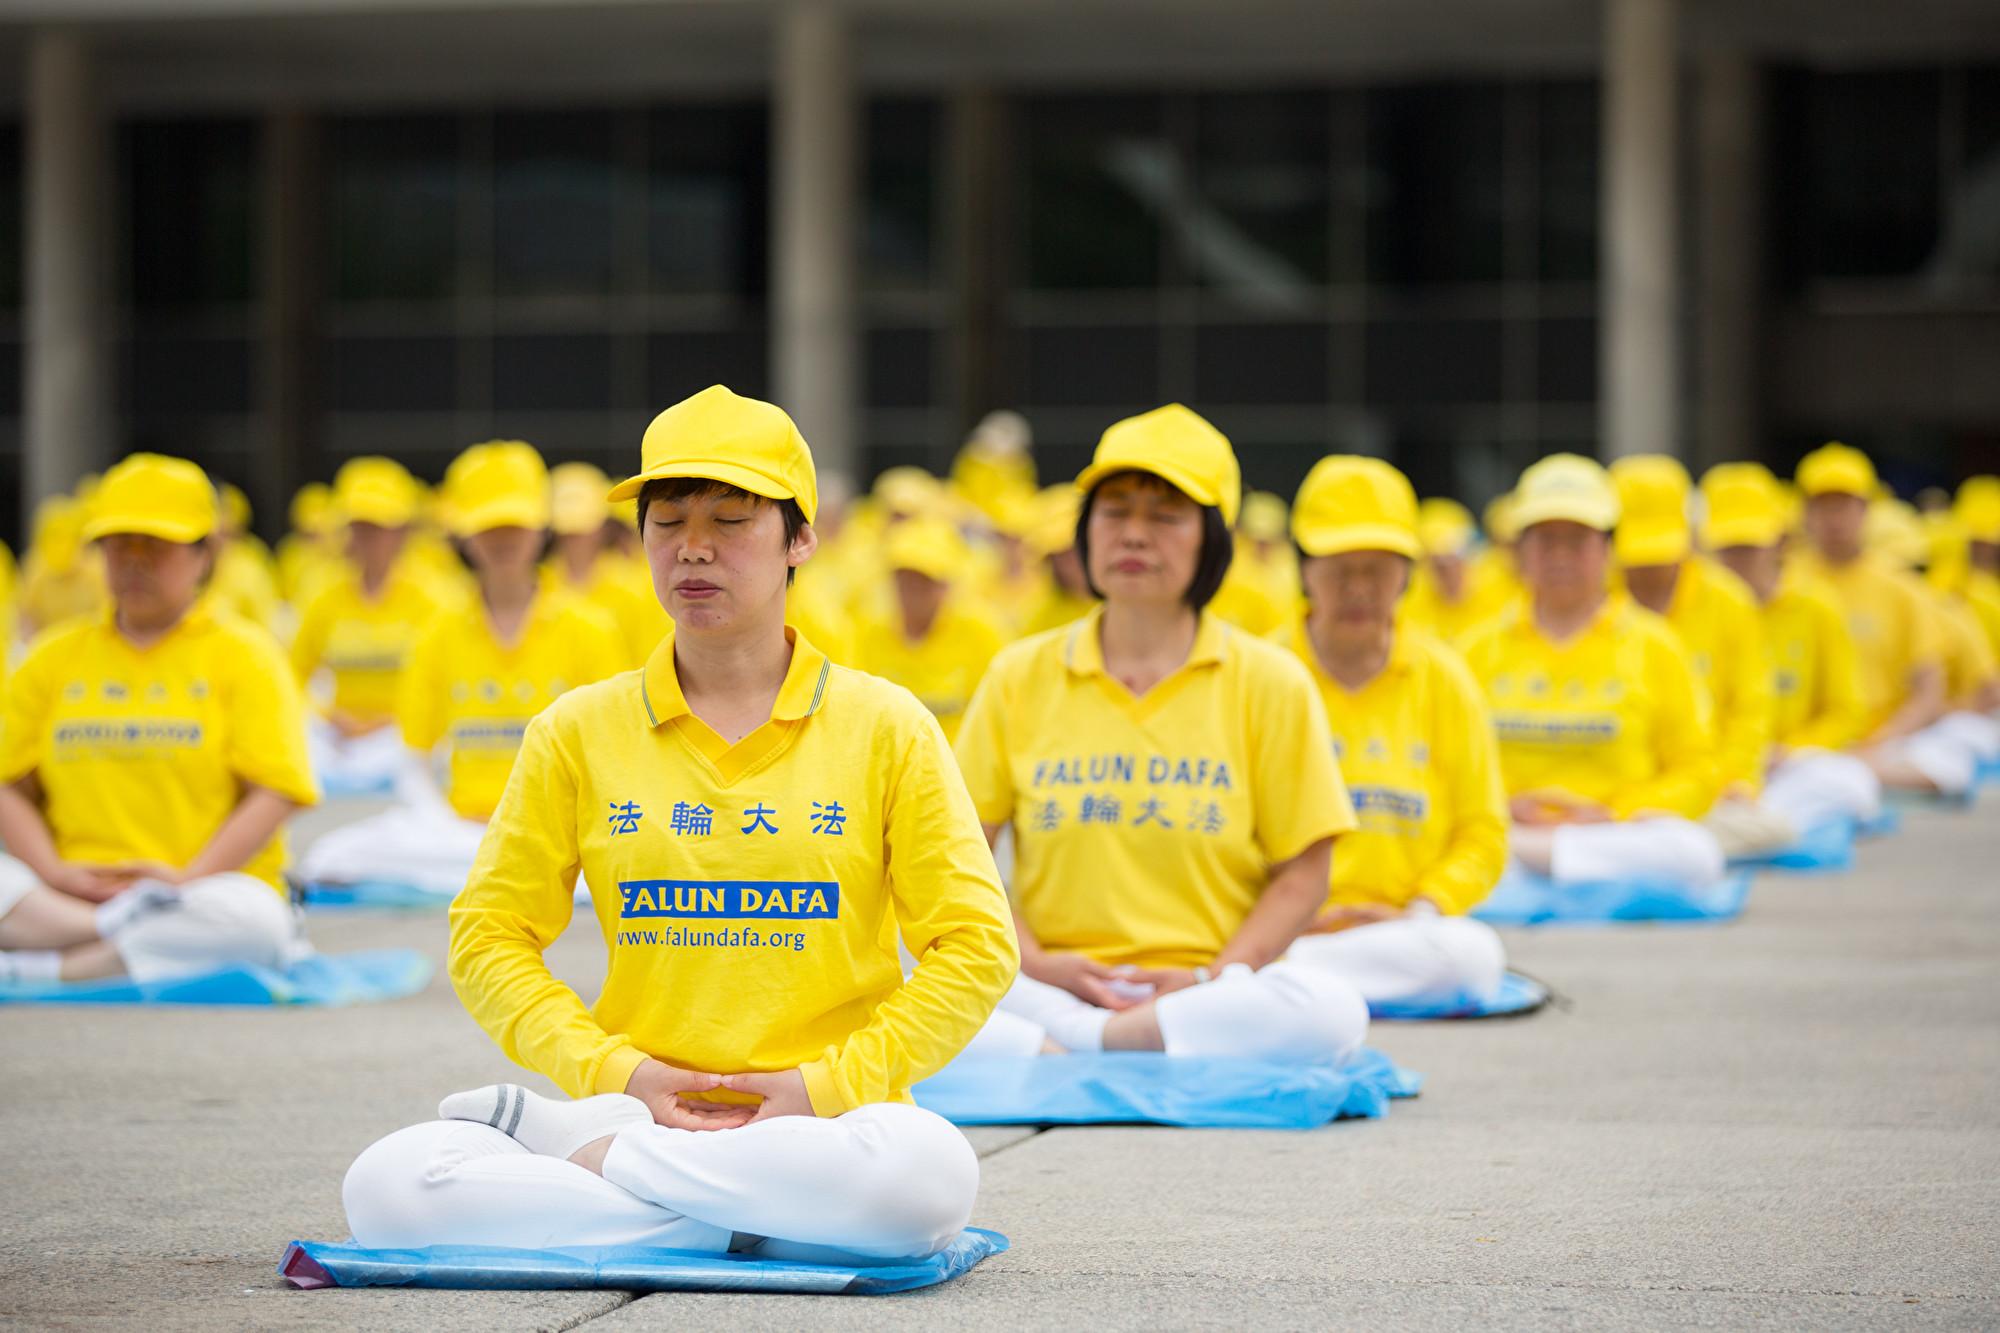 2019年7月20日,法輪功學員在多倫多市政廳前集體煉功。(艾文/大紀元)